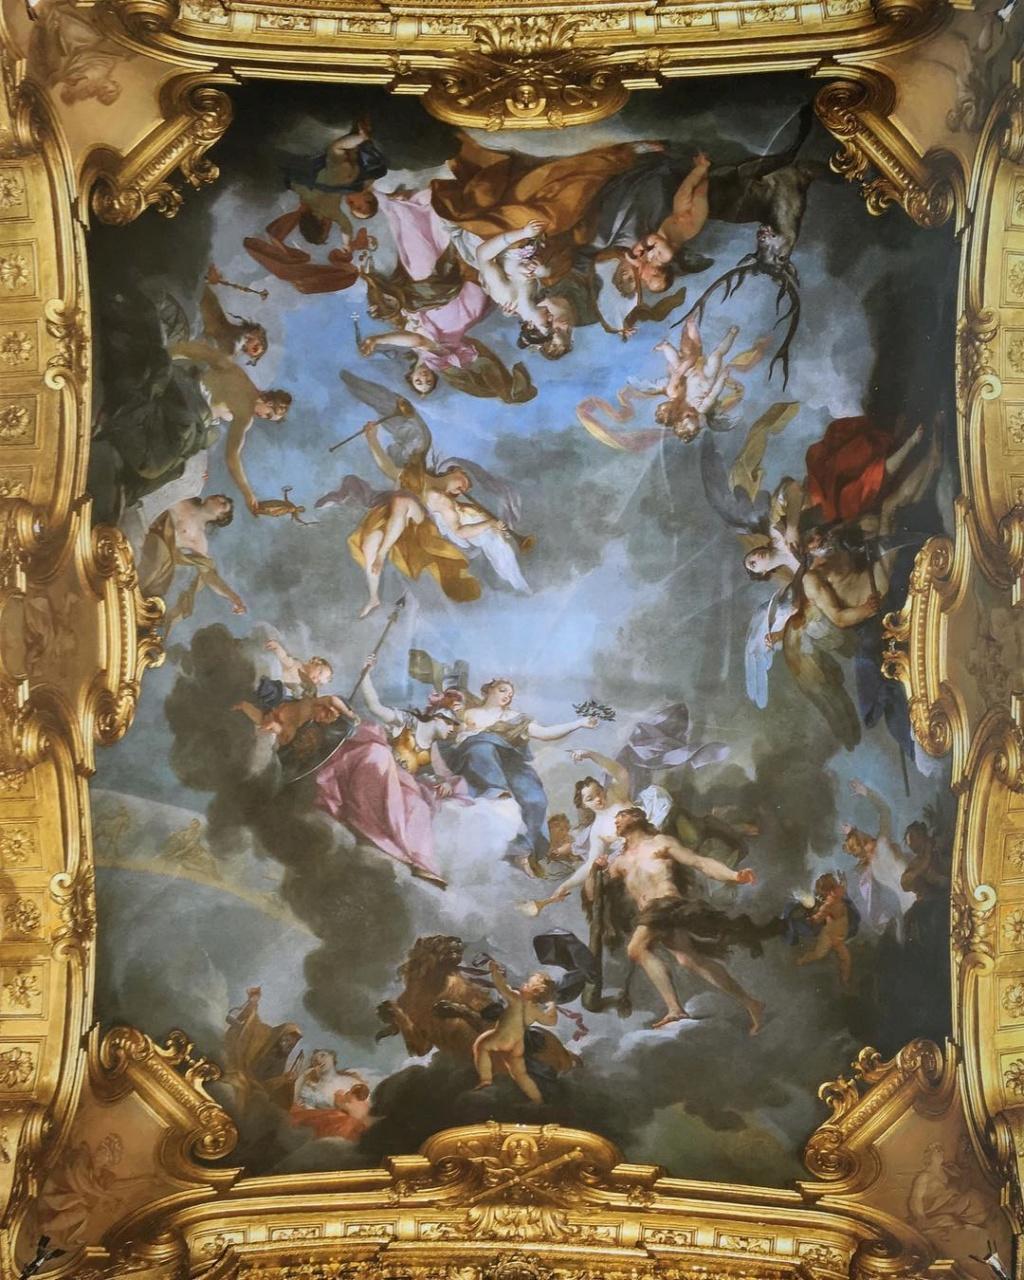 Le Palais royal de Turin (Palazzo Reale di Torino) 7a10